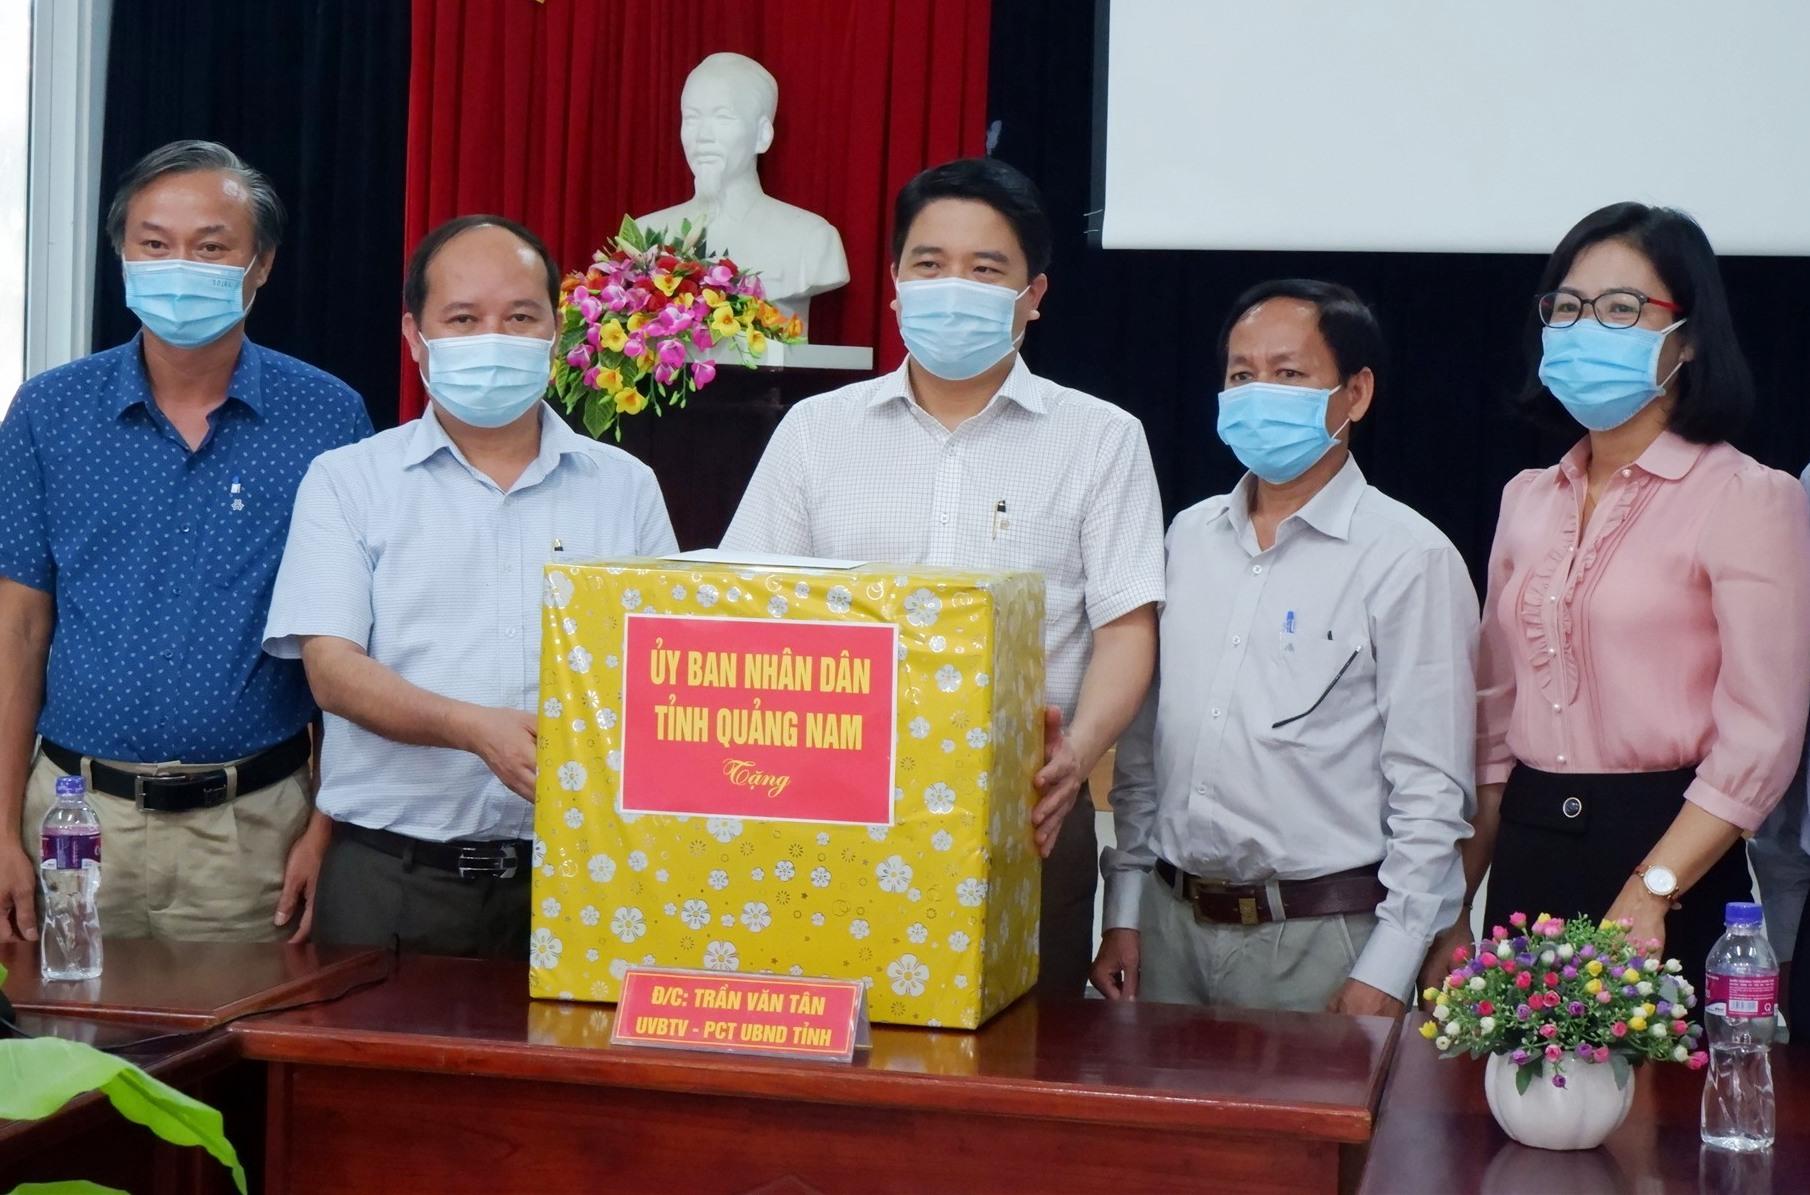 UBND tỉnh trao tặng quà cho lực lượng y tế tại BV. Ảnh: X.H